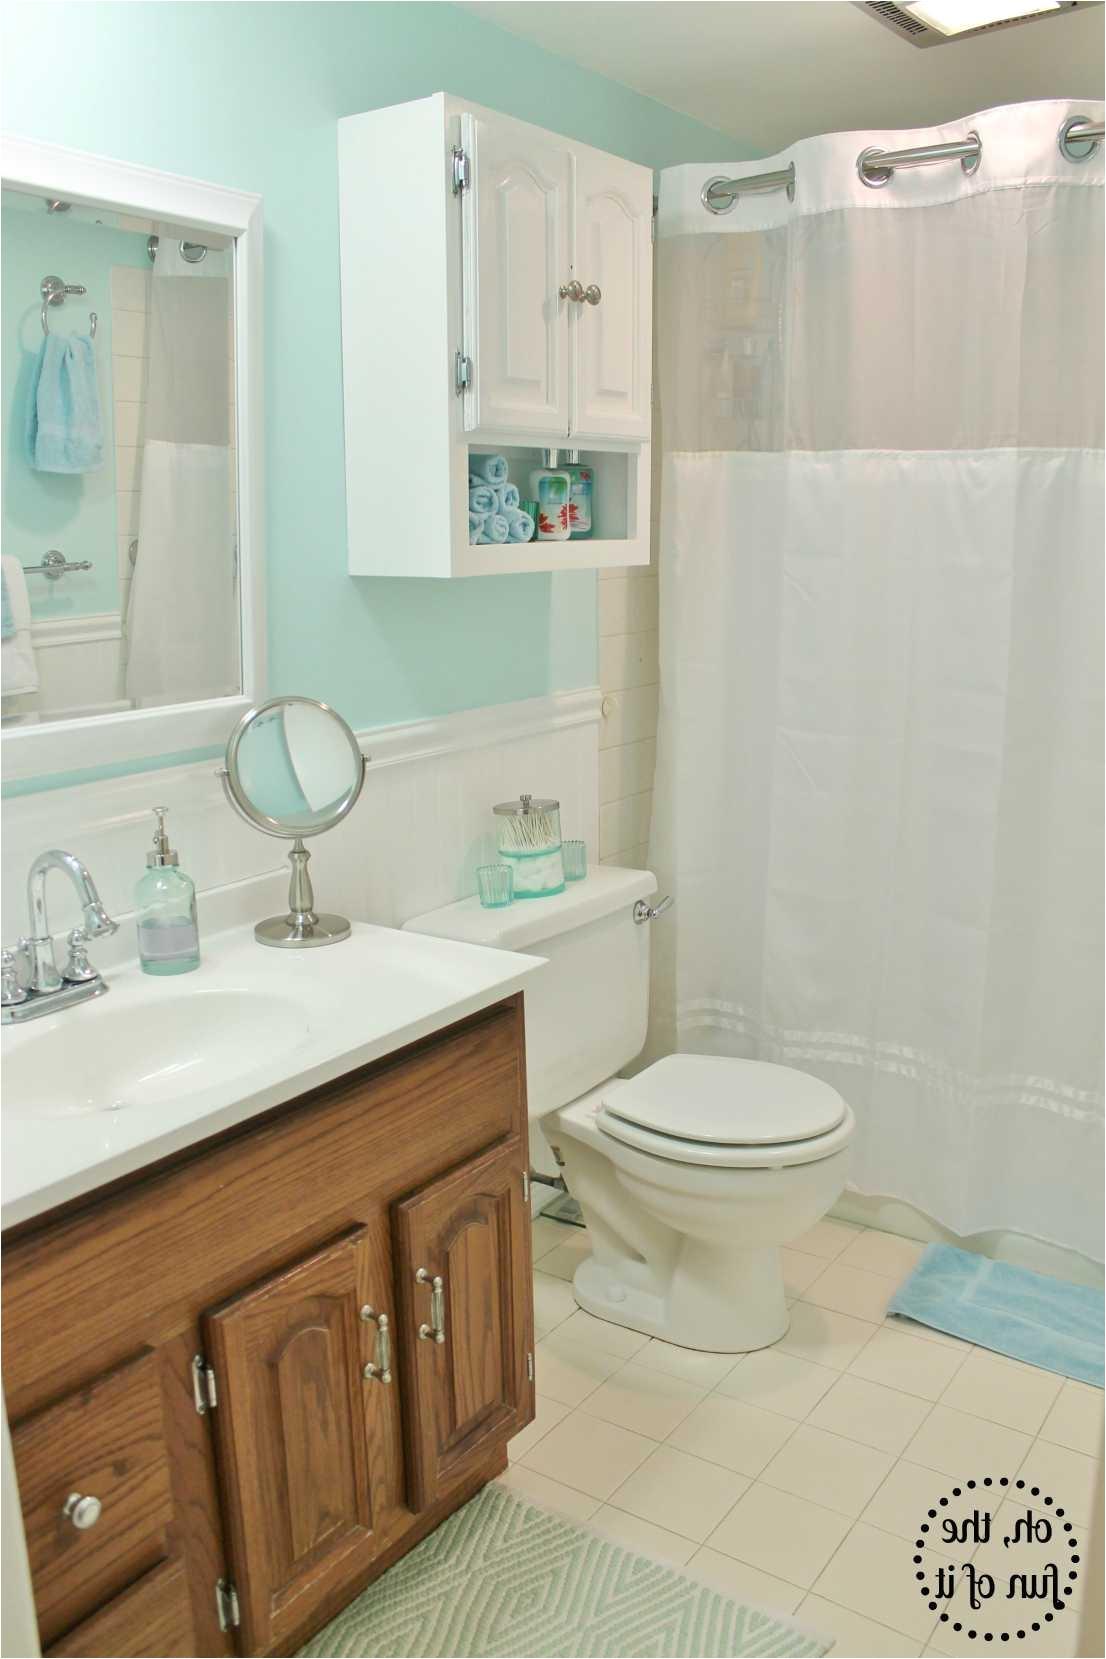 mint bathroom decor coma frique studio 621204d1776b mint bathroom decor mint colored room decor tags green